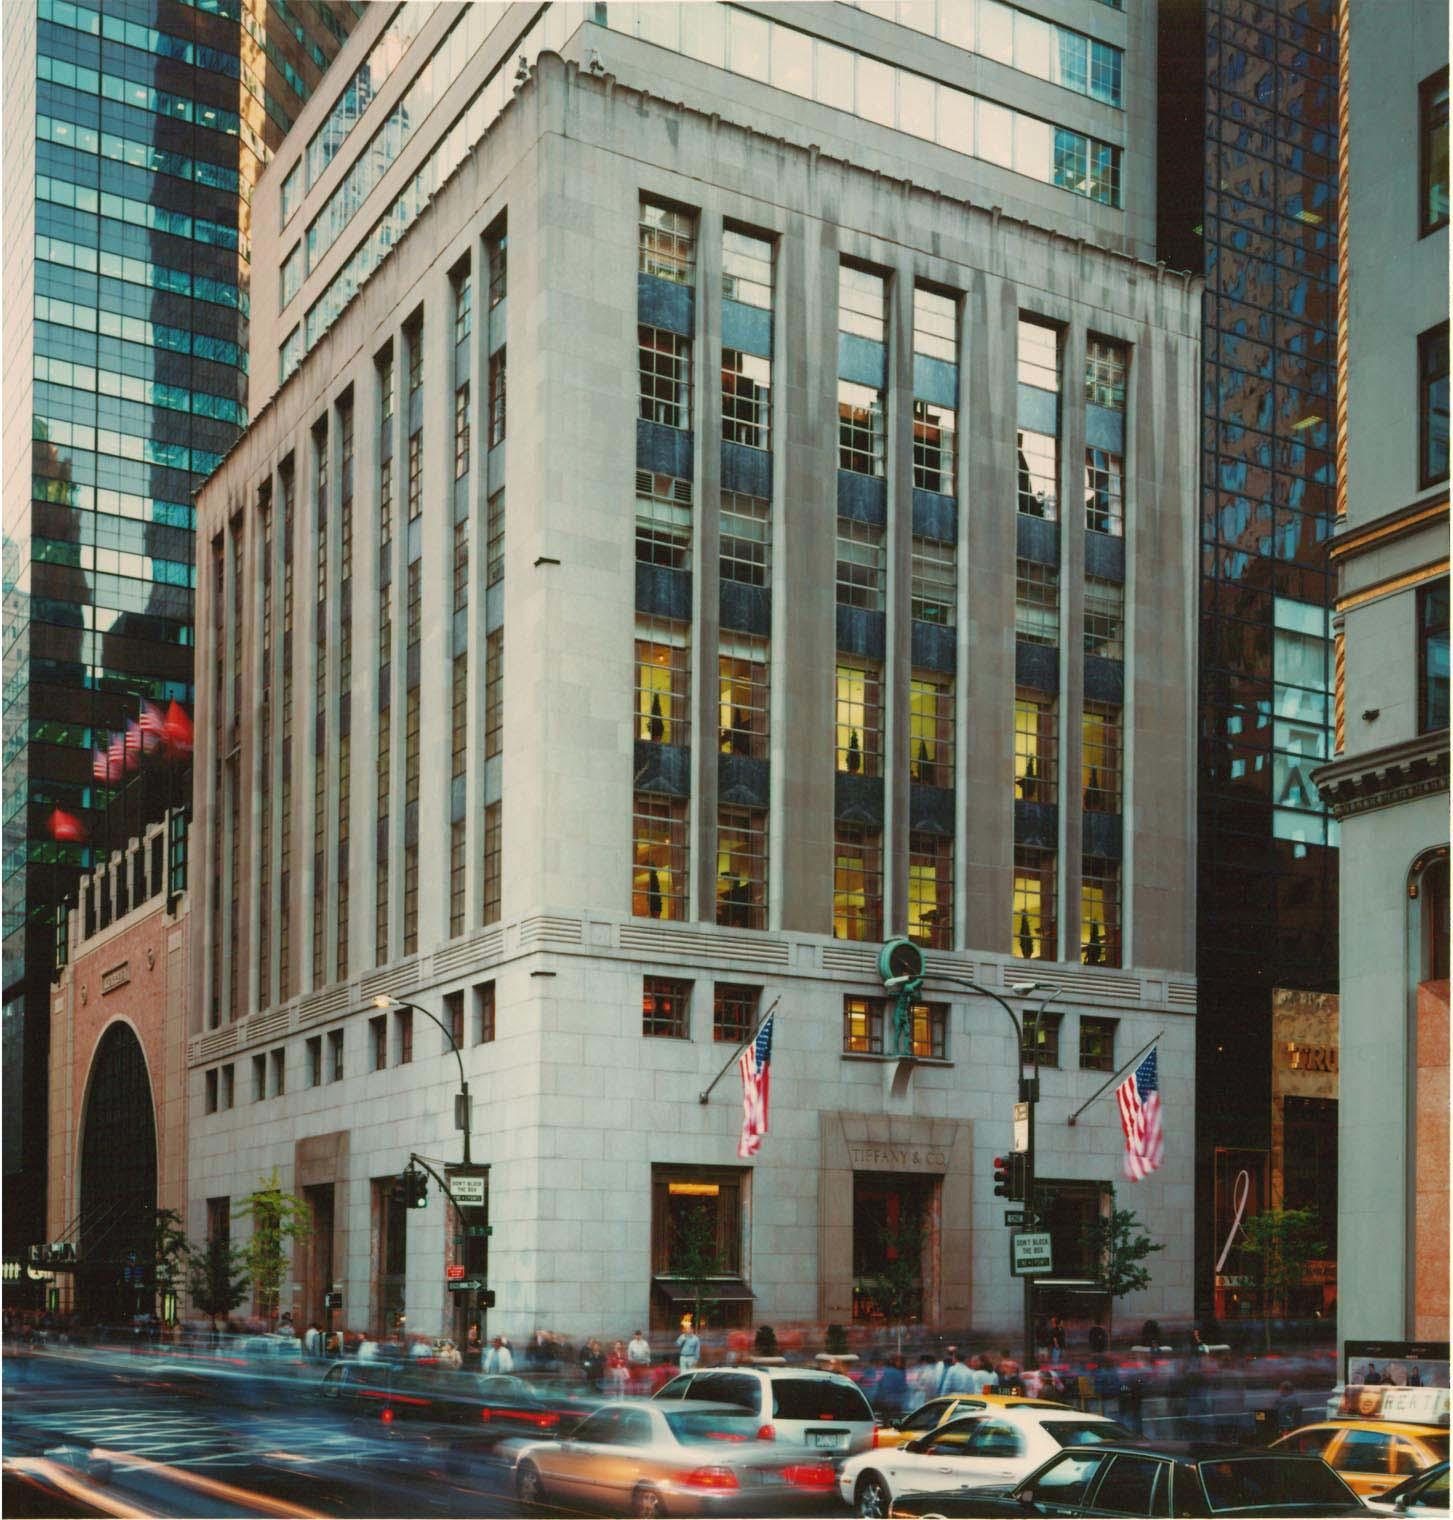 Tiffany & Co. in New York, NY, photo #3